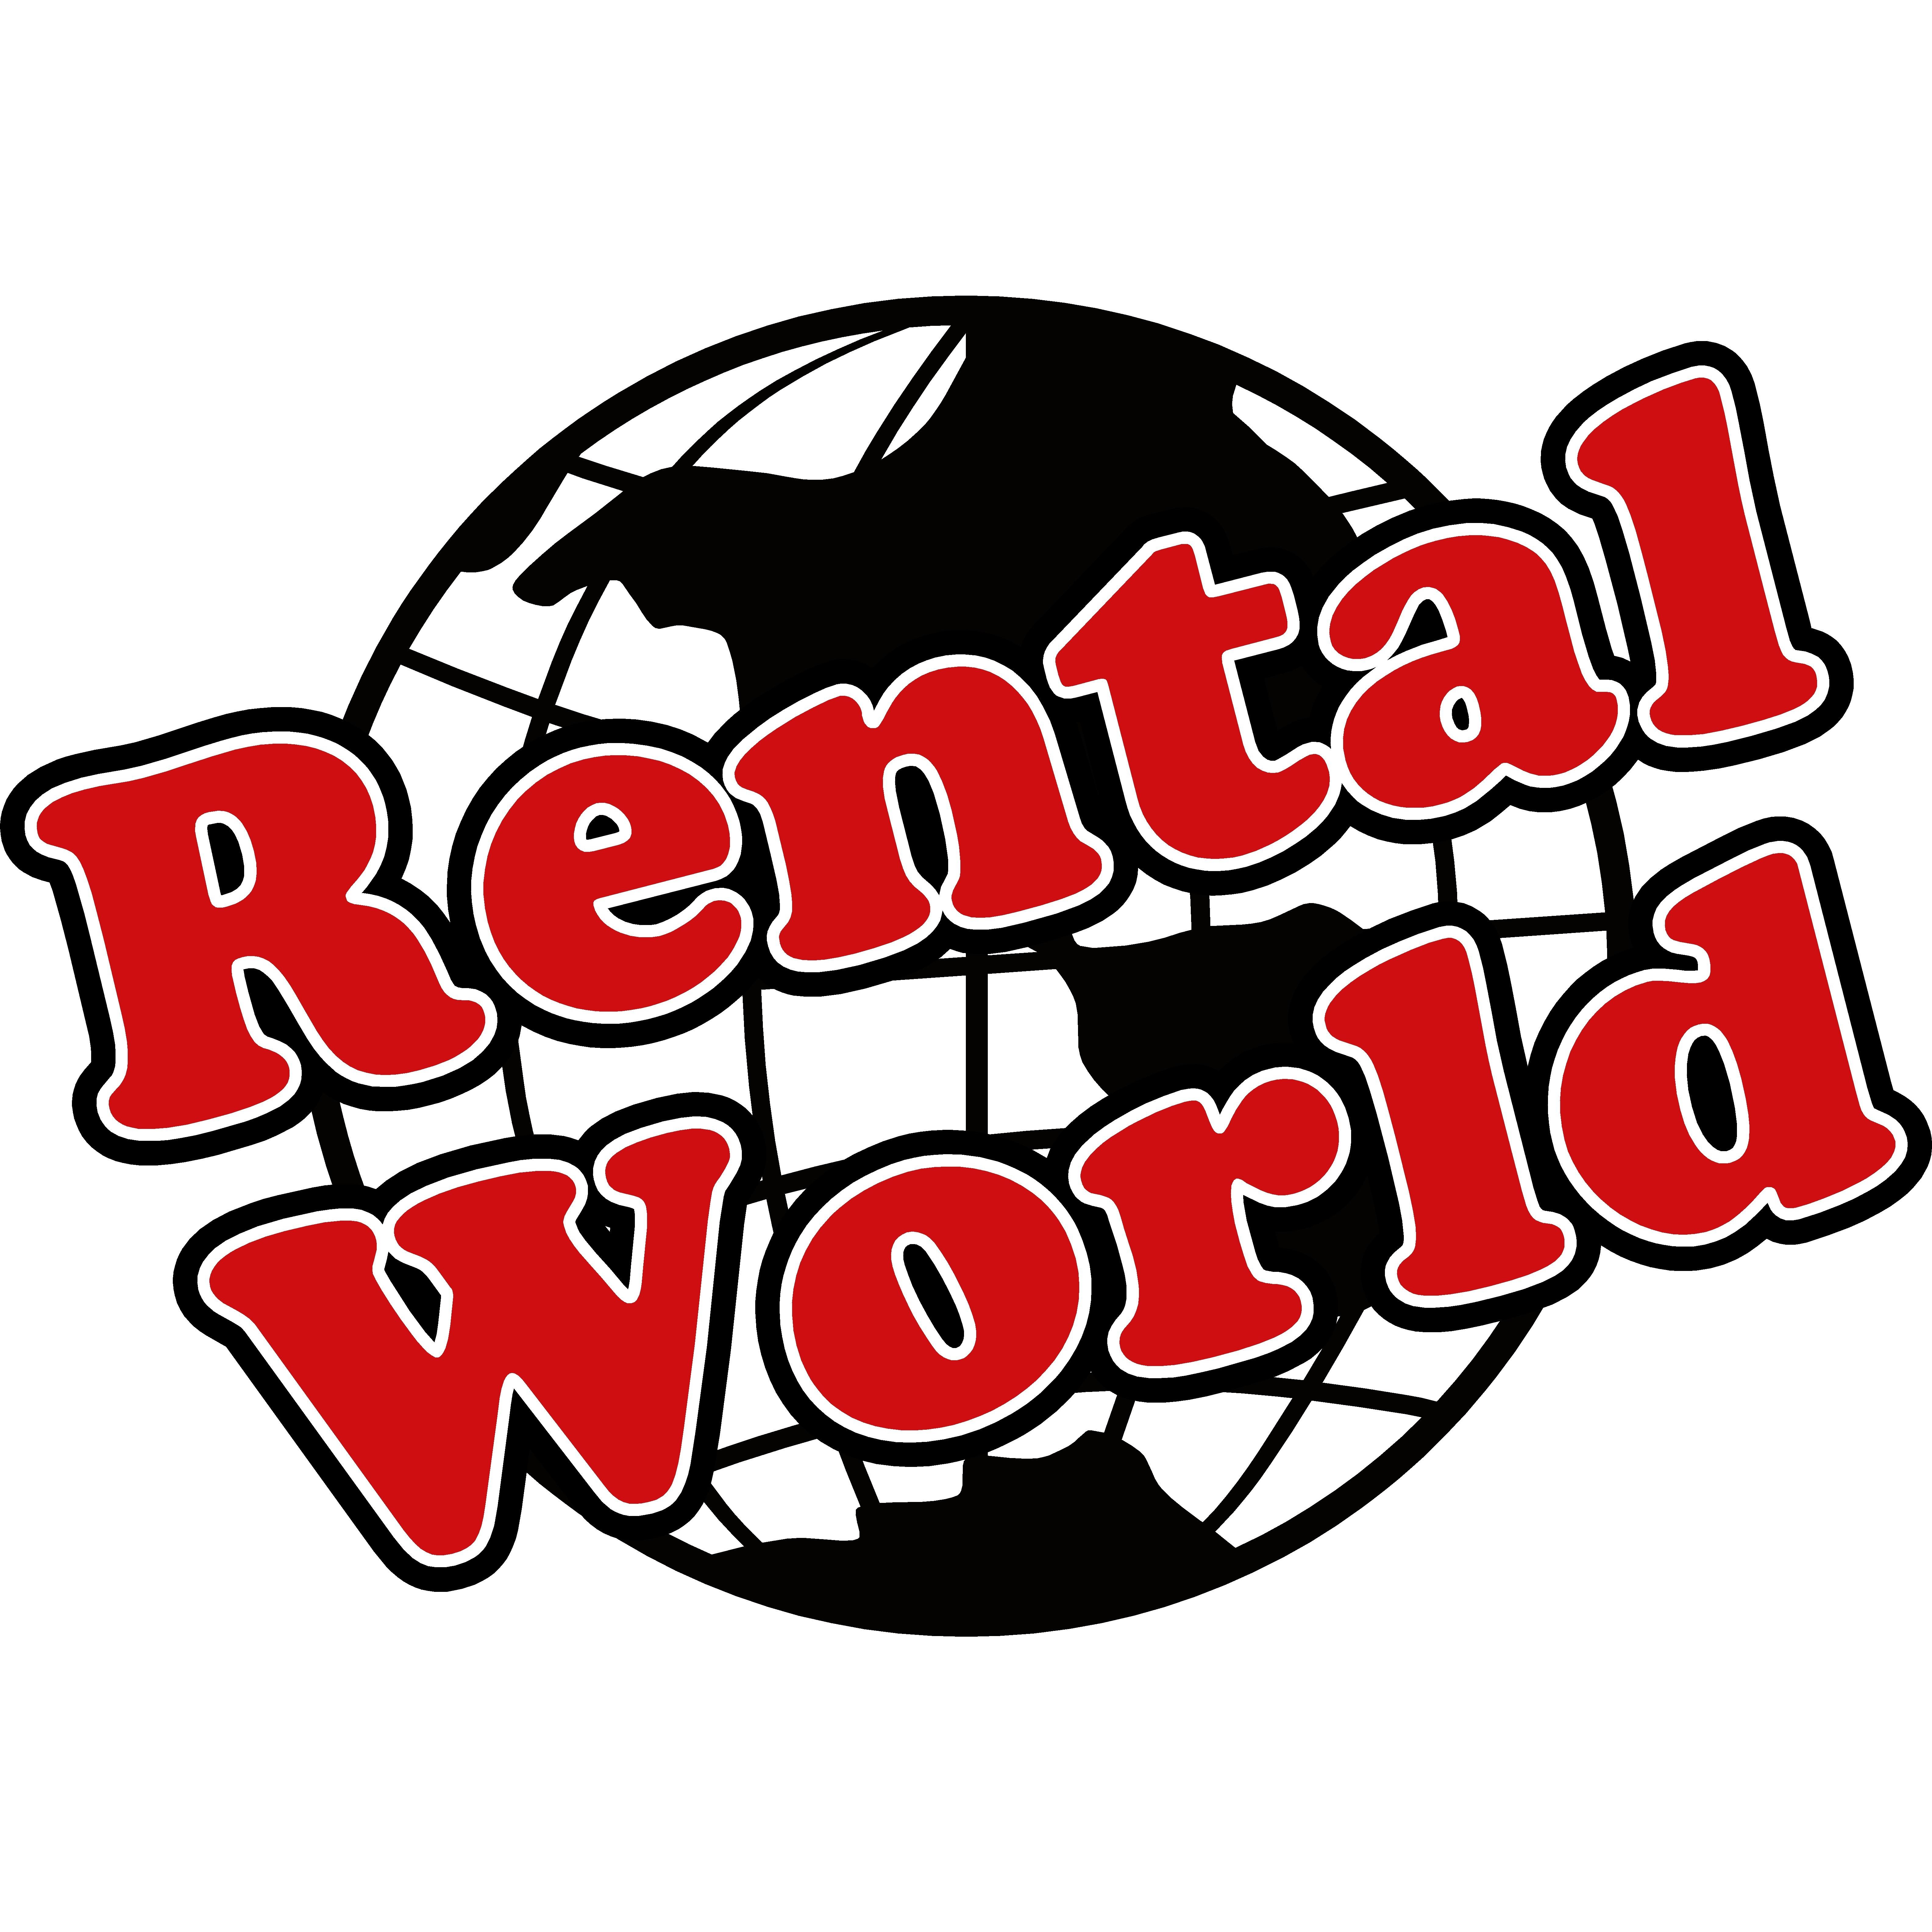 Rental World of St. Cloud, Inc.